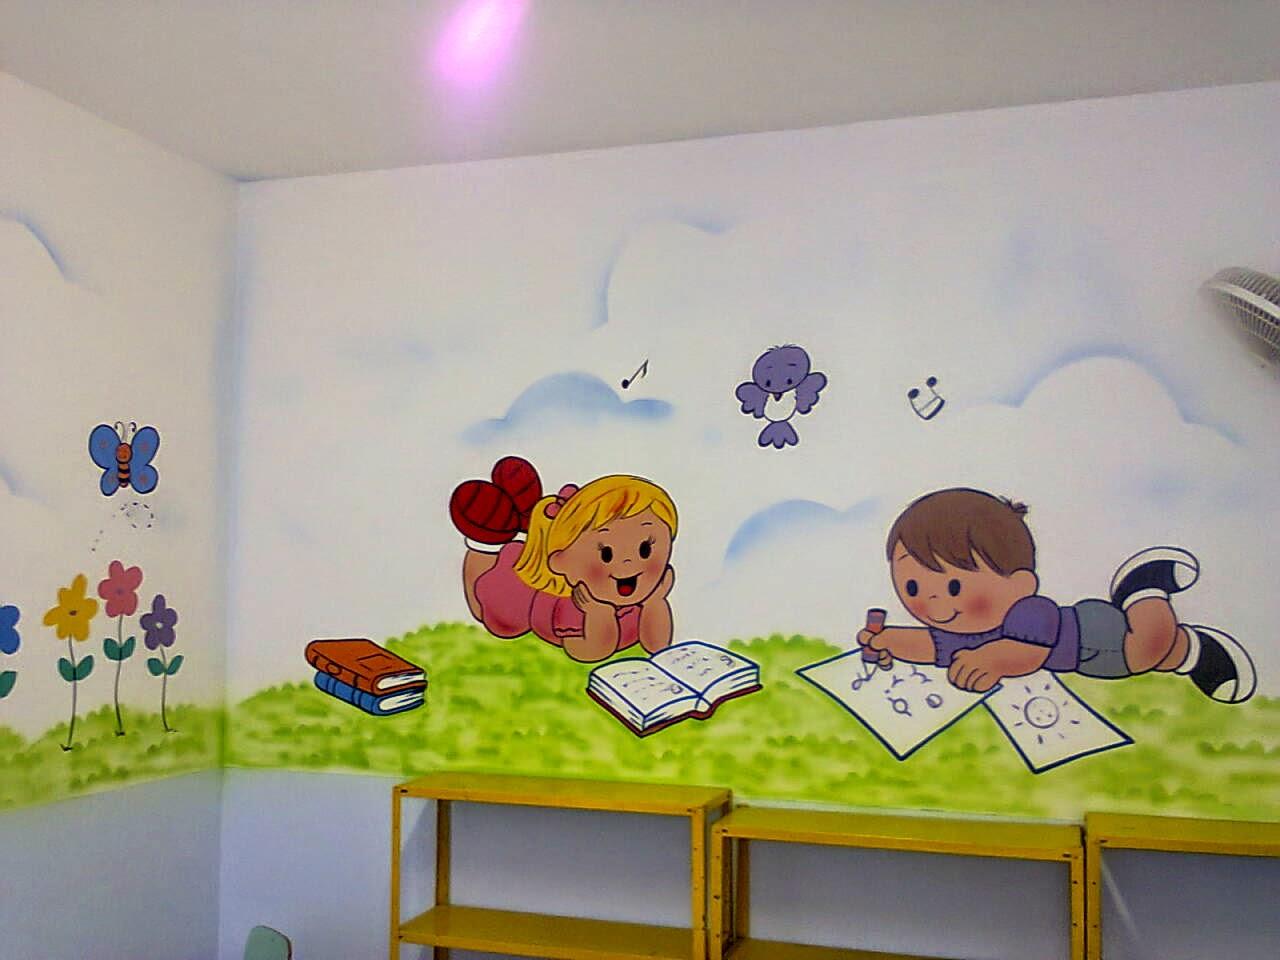 Populares Pintura De Parede Para Sala De Aula Infantil # Dahdit.com  AM78